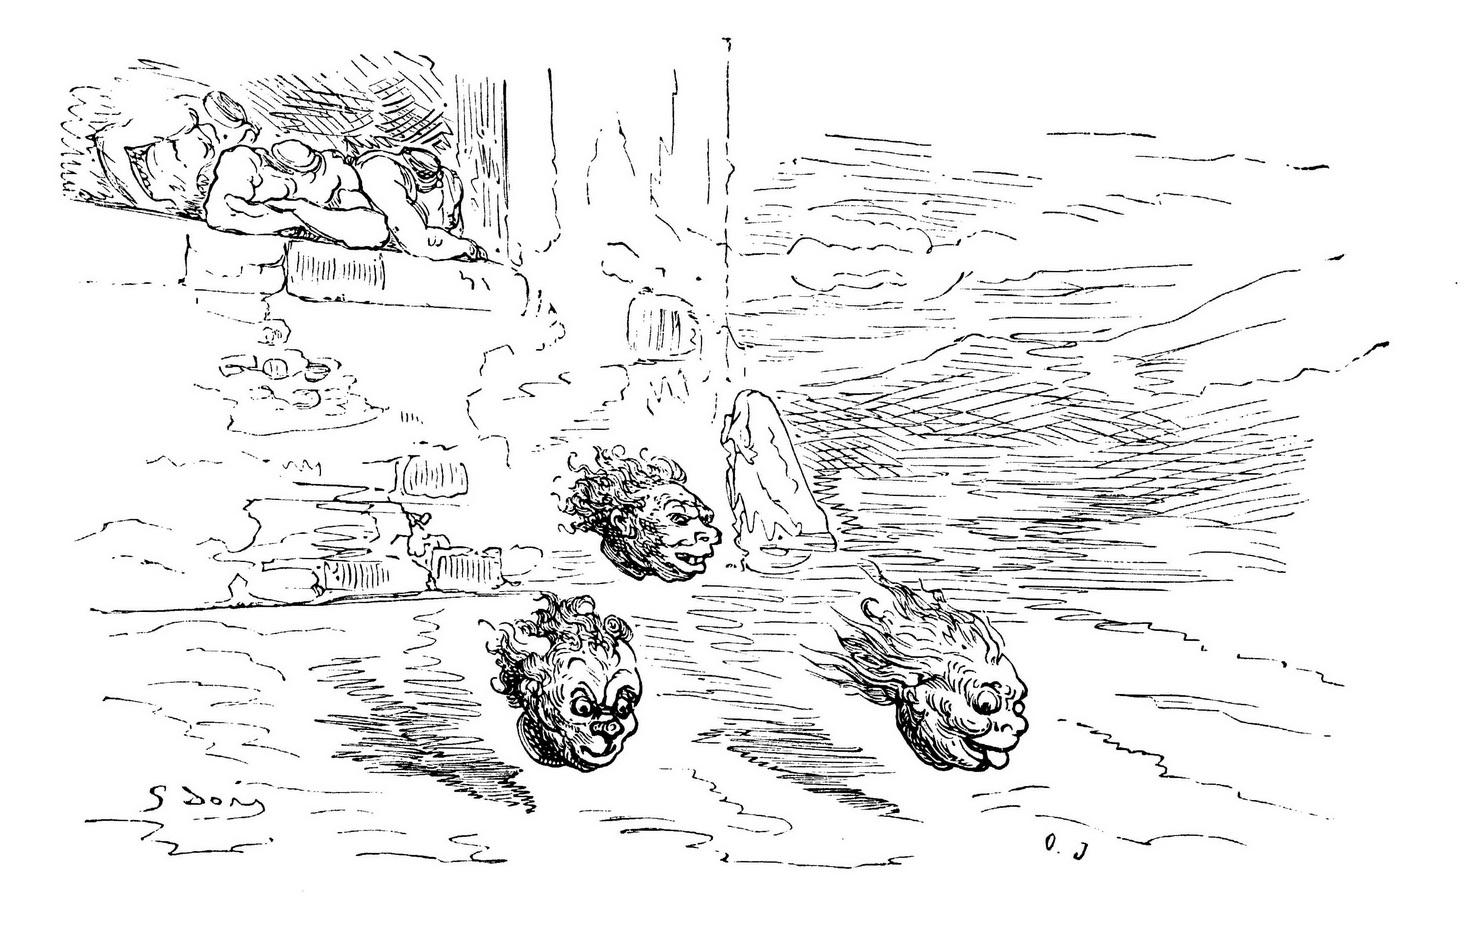 Gustave_Doré_-_Baron_von_Münchhausen_-_133.jpg